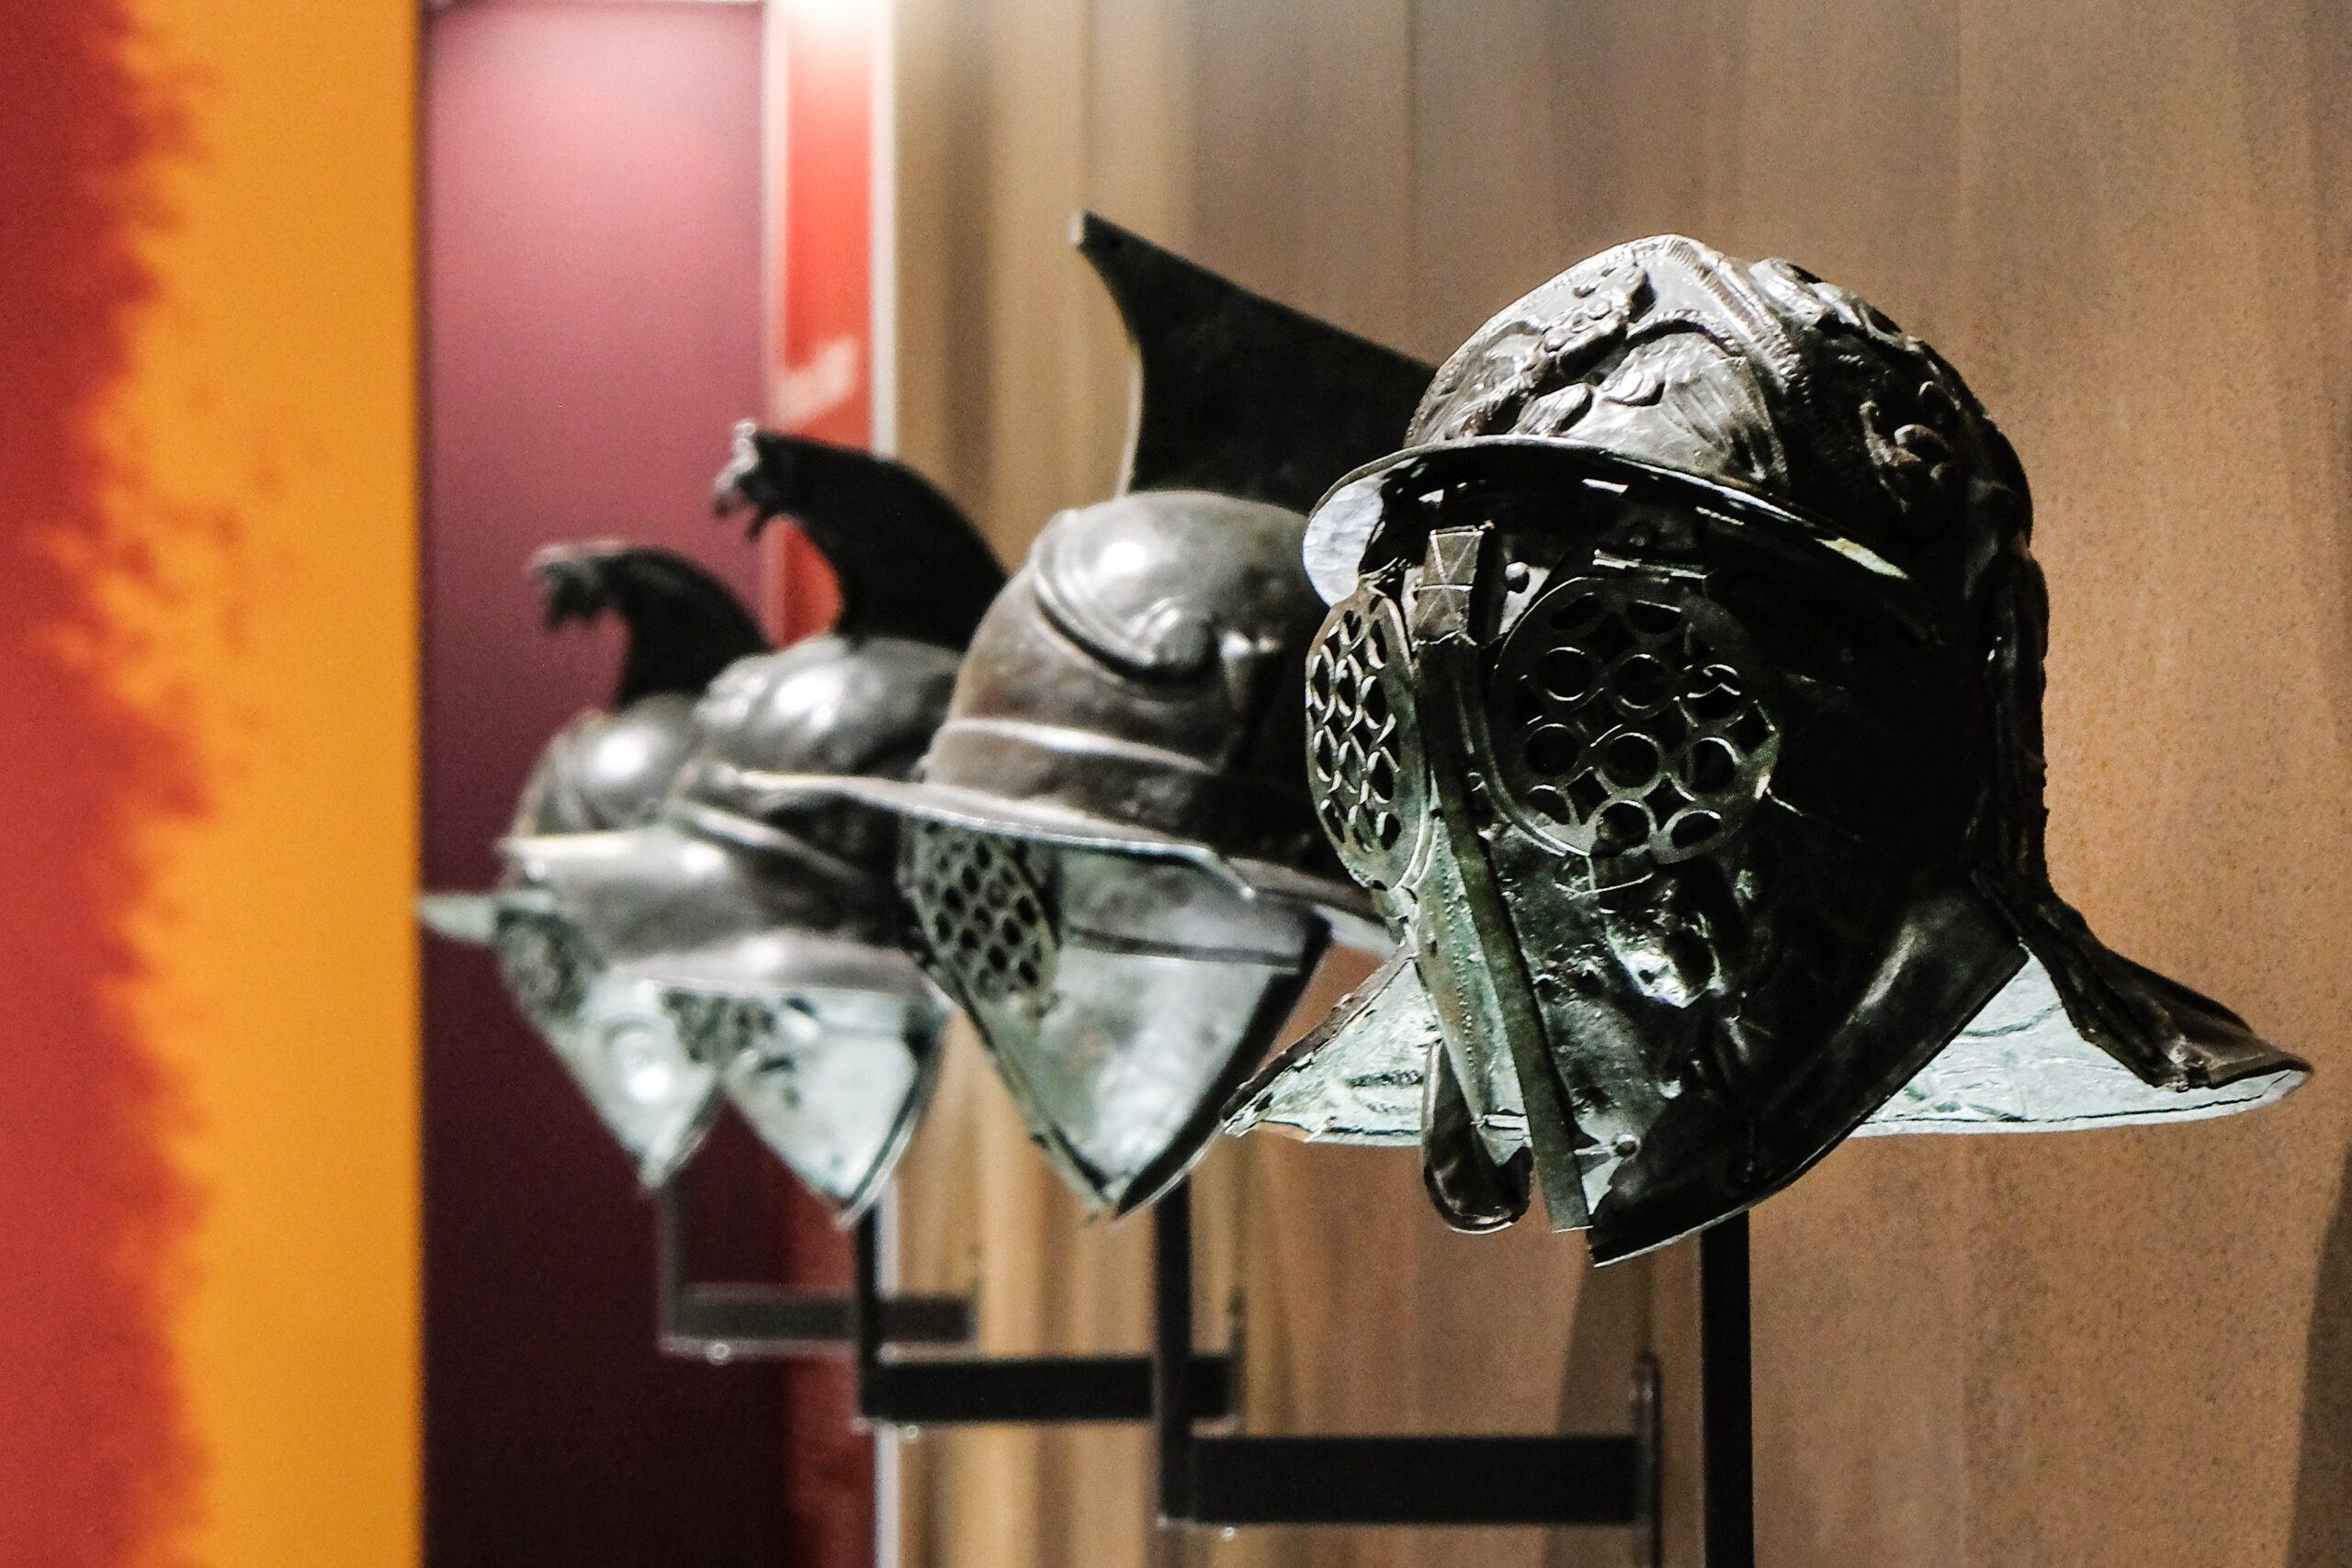 Gladiatori: al MANN la mostra in programma fino al 6 gennaio